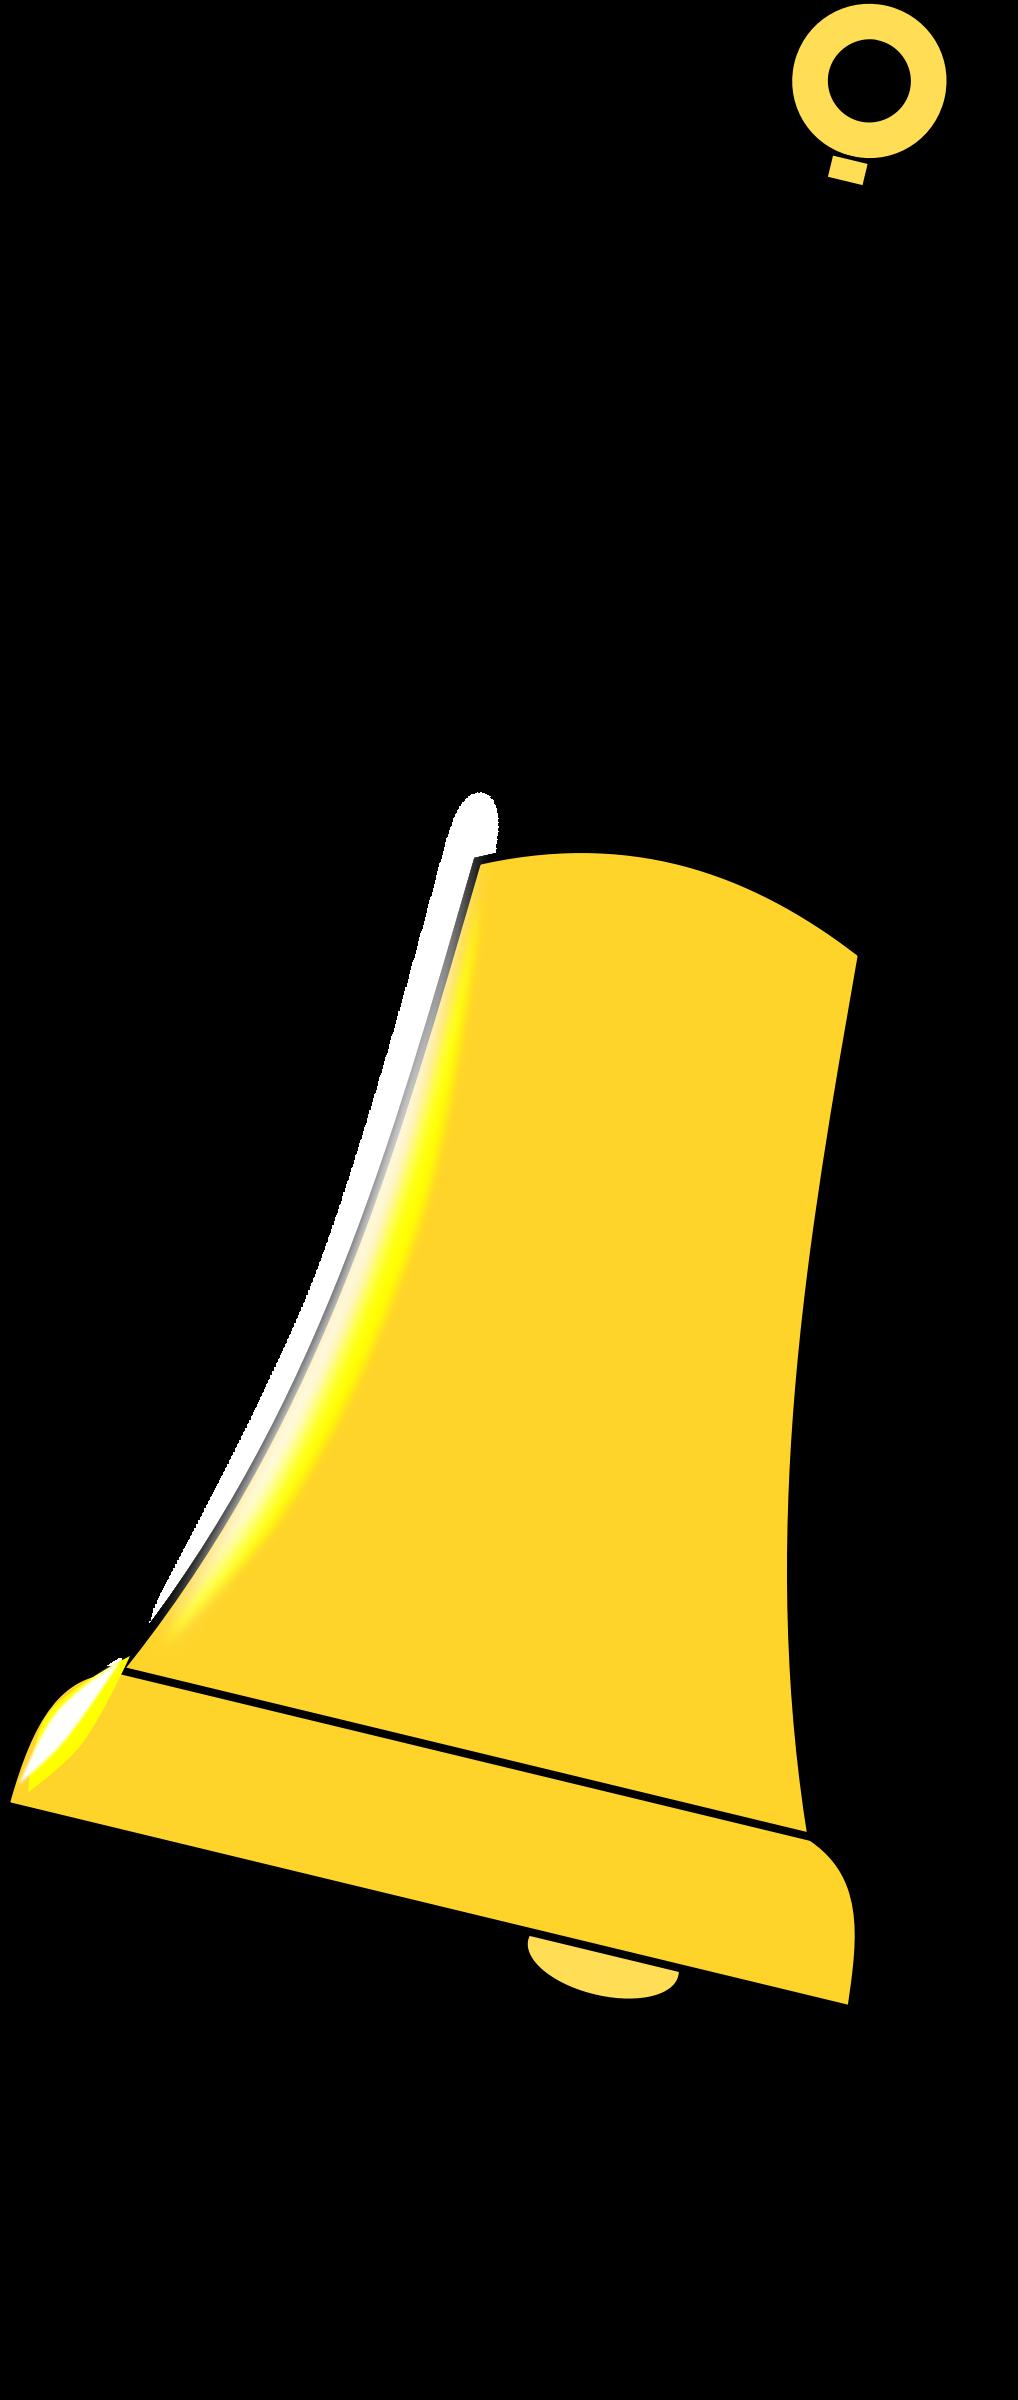 1018x2400 Bell Clip Art